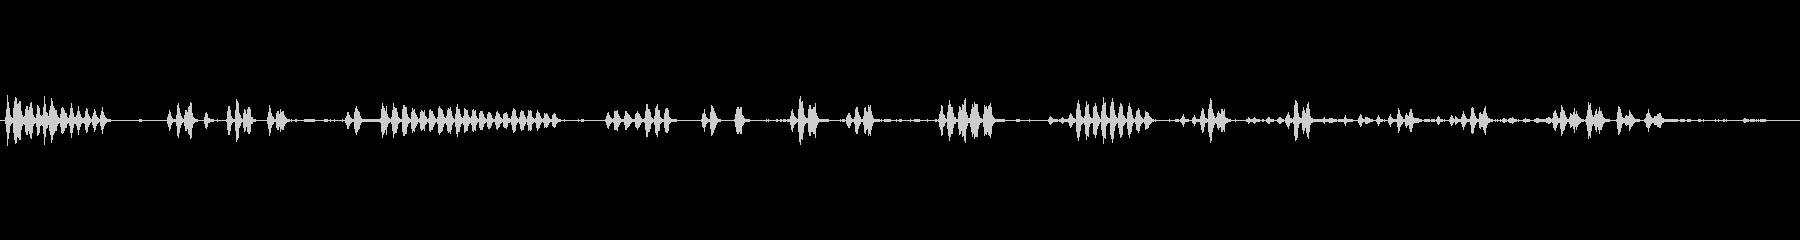 ヒヨドリ5 ソロ 使い易い~早朝生録音の未再生の波形